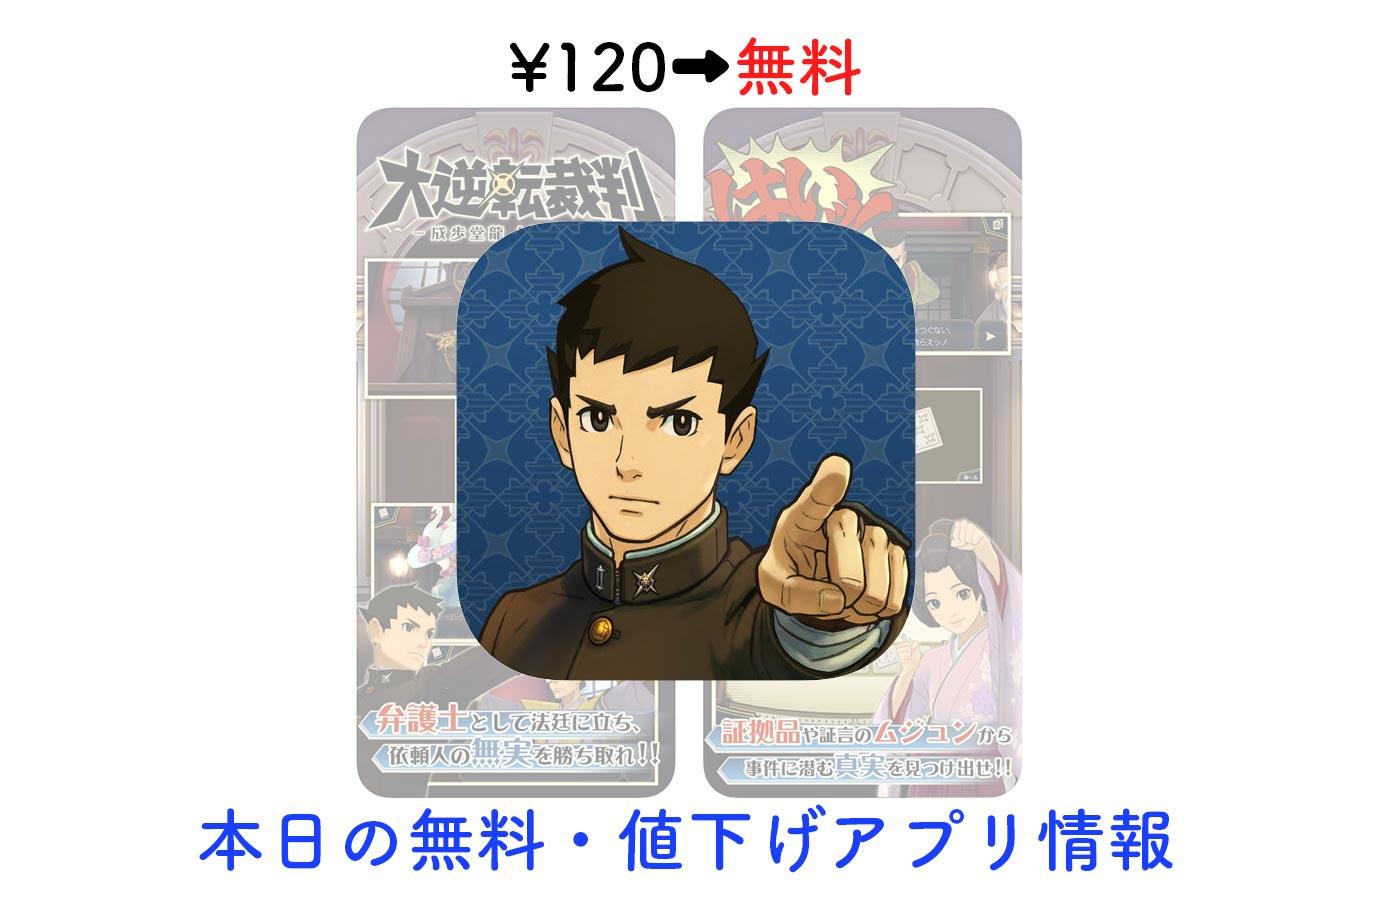 120円→無料、法廷バトル「大逆転裁判」など【4/27】セールアプリ情報